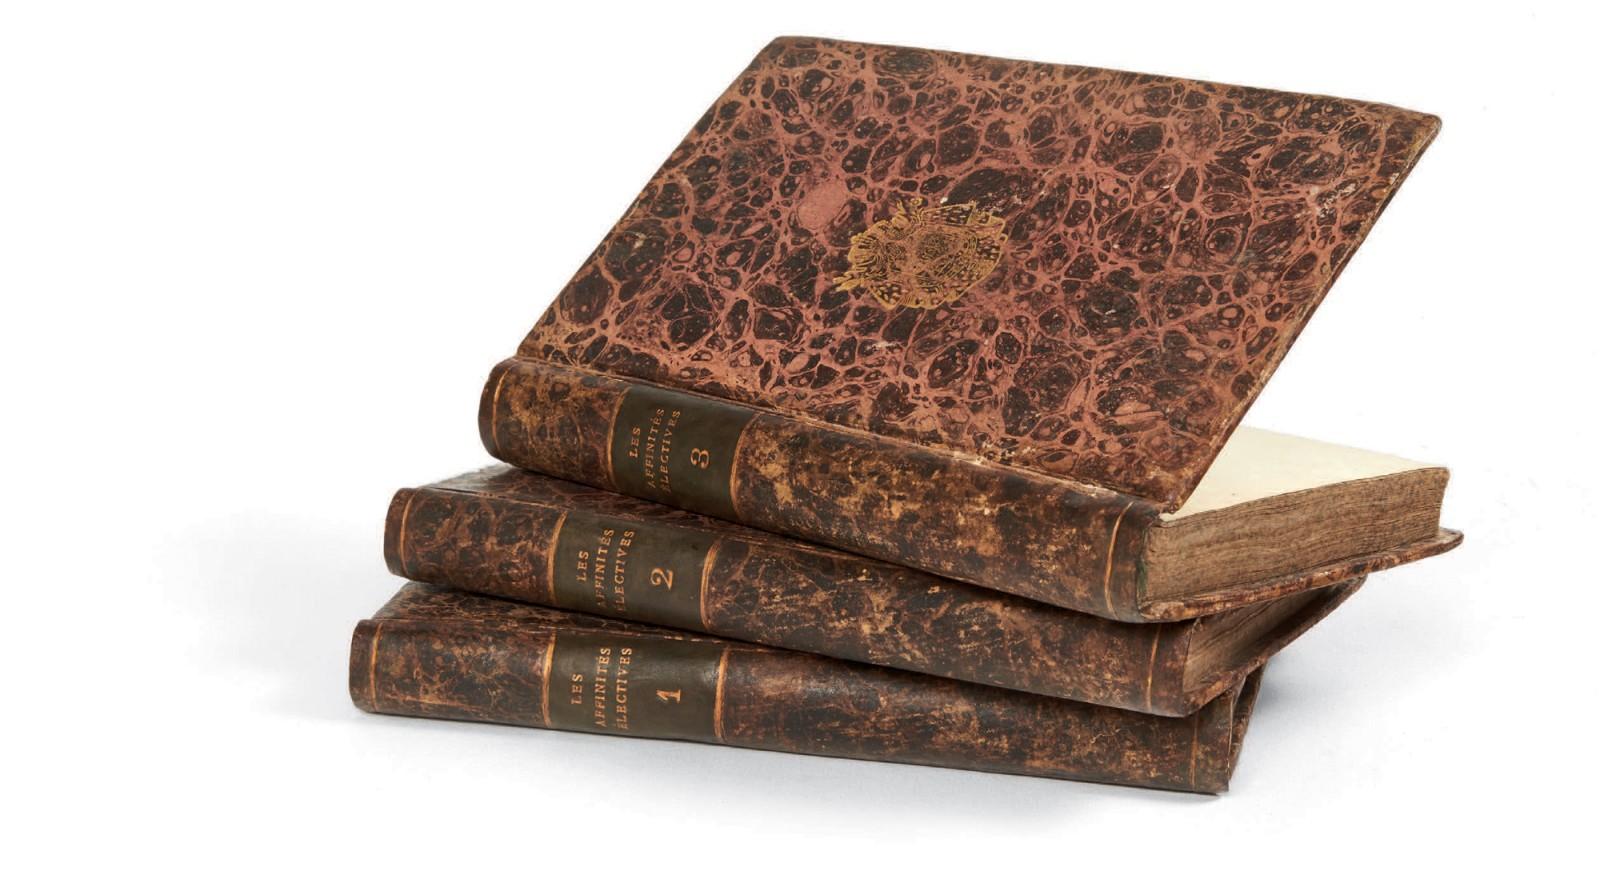 goethe-johann-wolfgang-von-les-affinites-electives-paris-s-c-lhuillier-1810--197